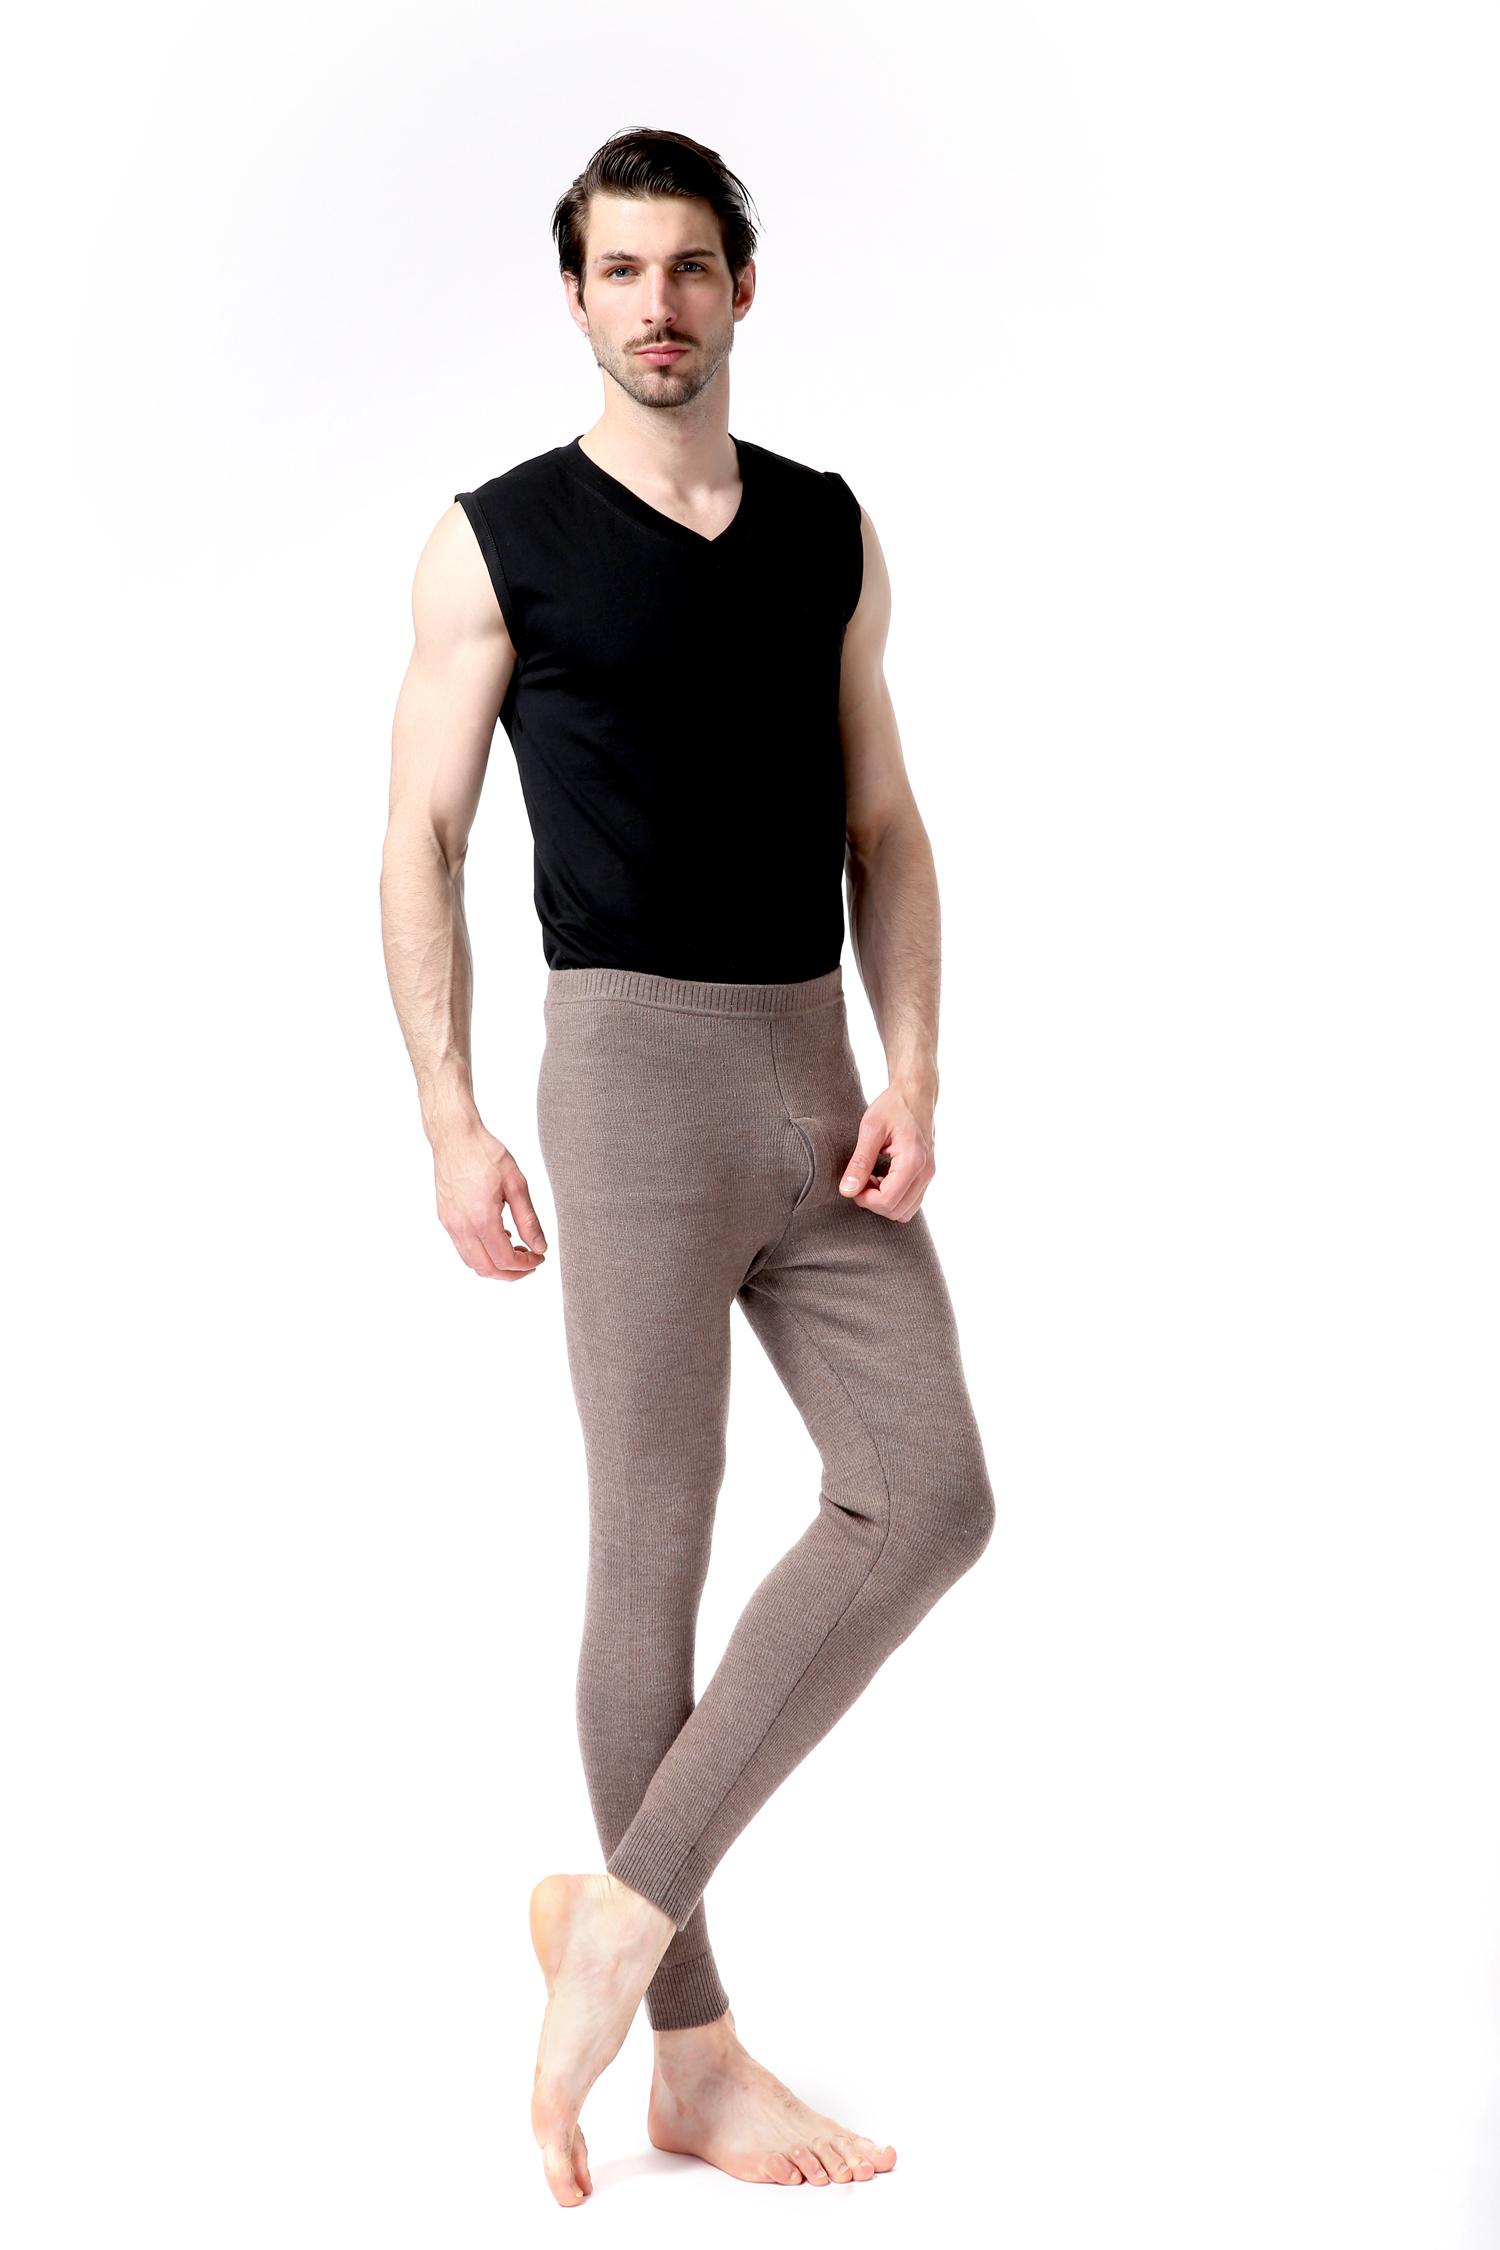 打底裤什么牌子好:好用的都兰诺斯澳毛男抽条裤购买技巧